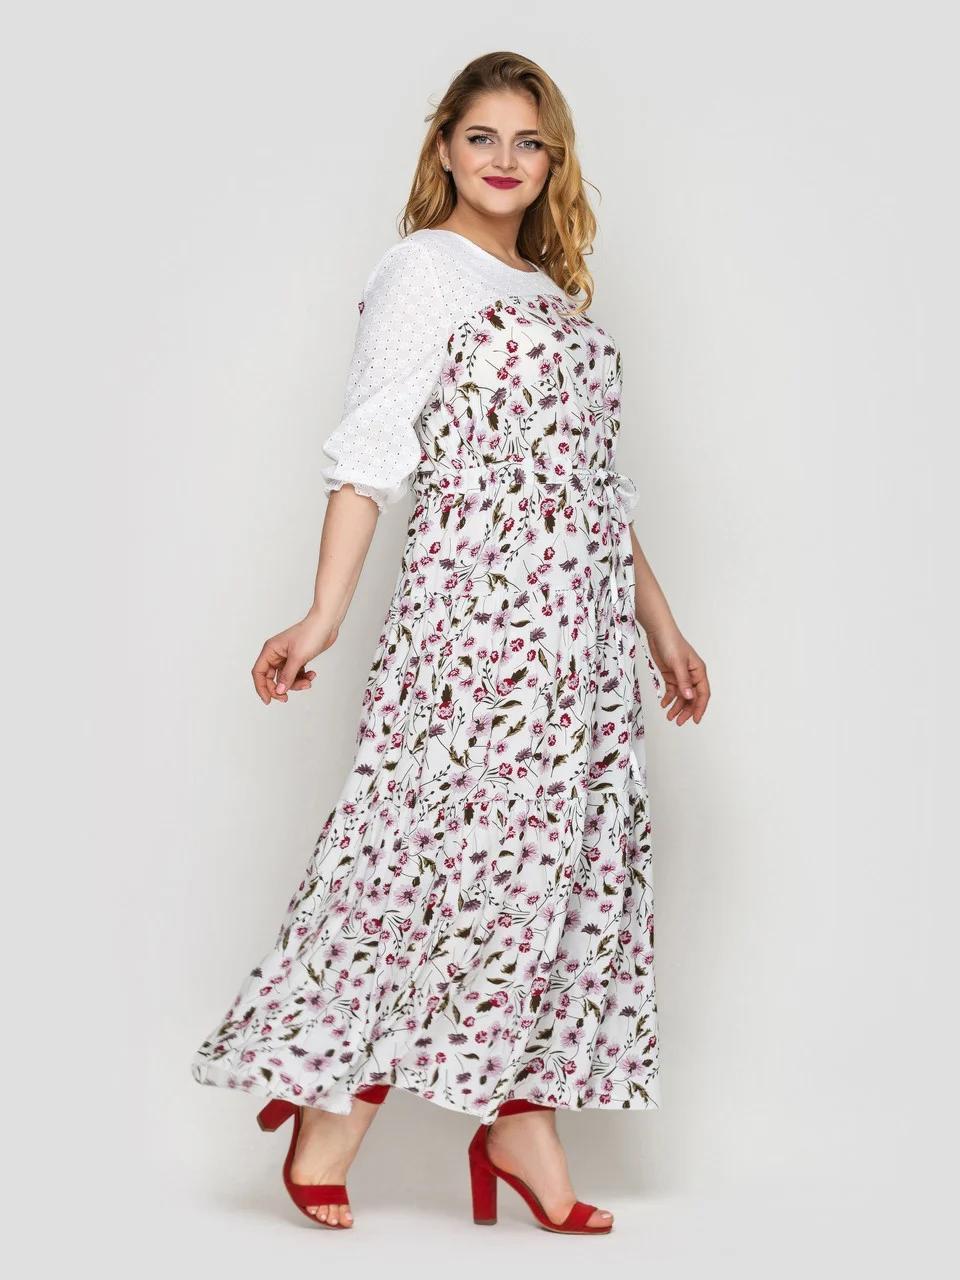 Симпатичное белое платье длинное свободного кроя в горошек, большие размеры от 52 до 58